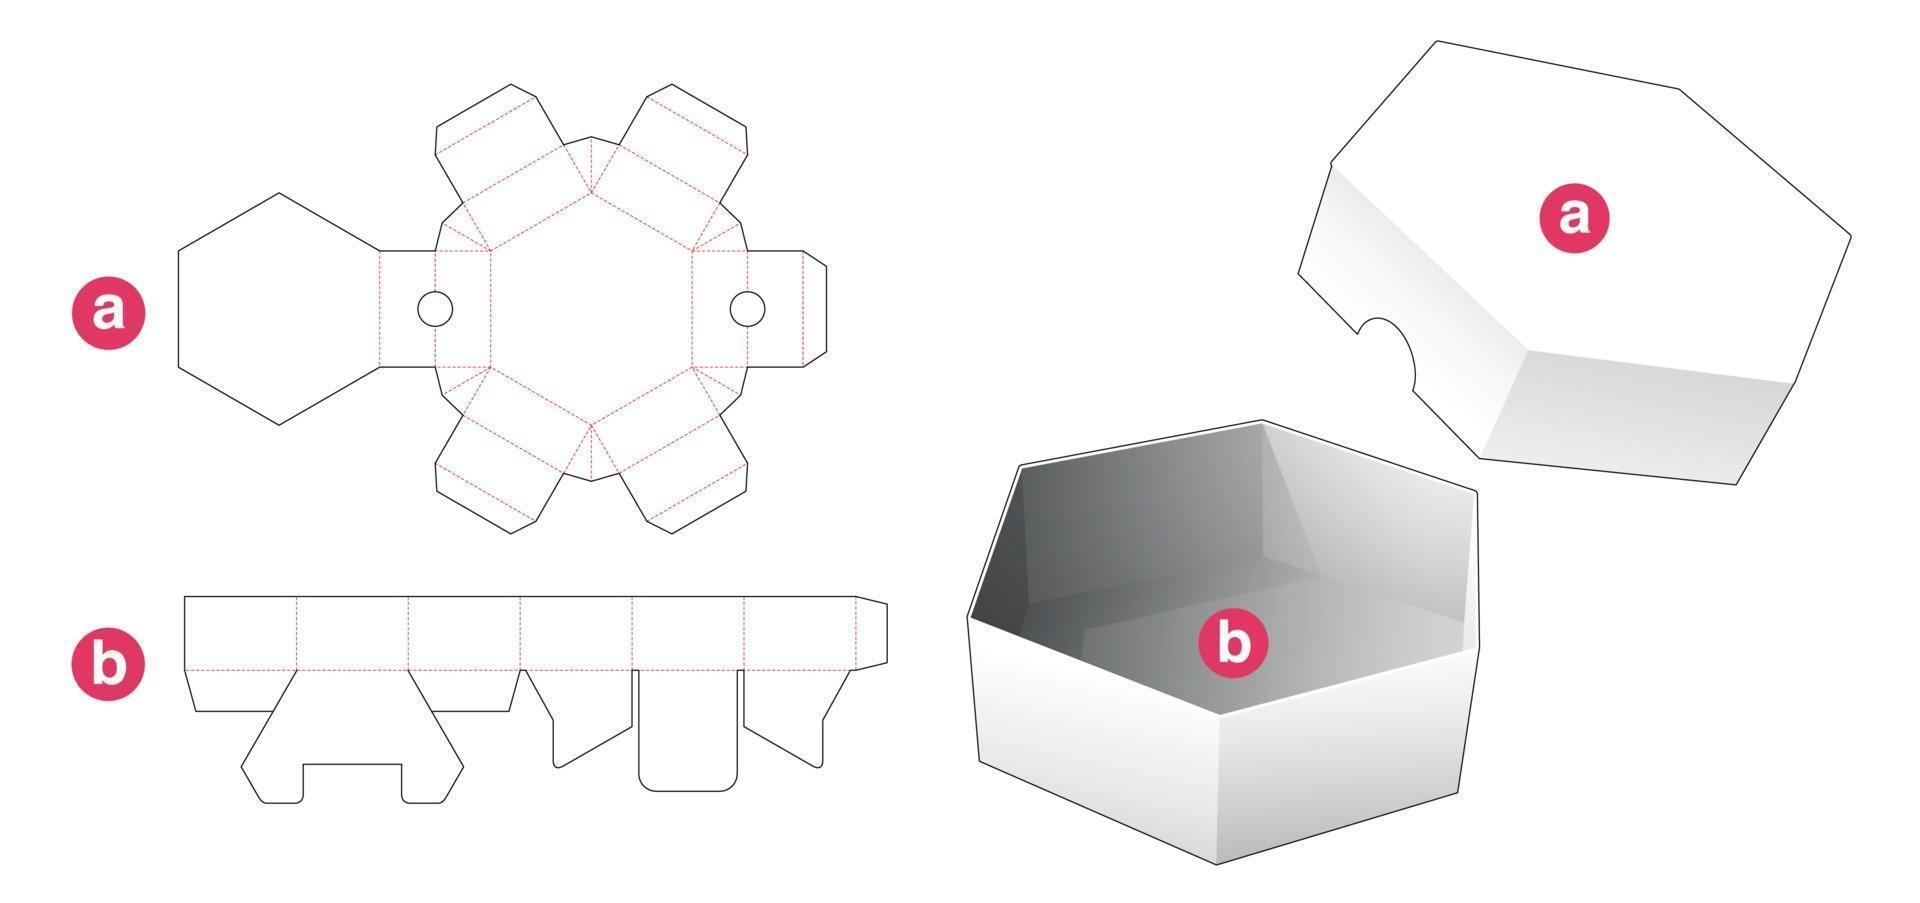 caixa de formato hexagonal curta e molde de tampa cortada vetor